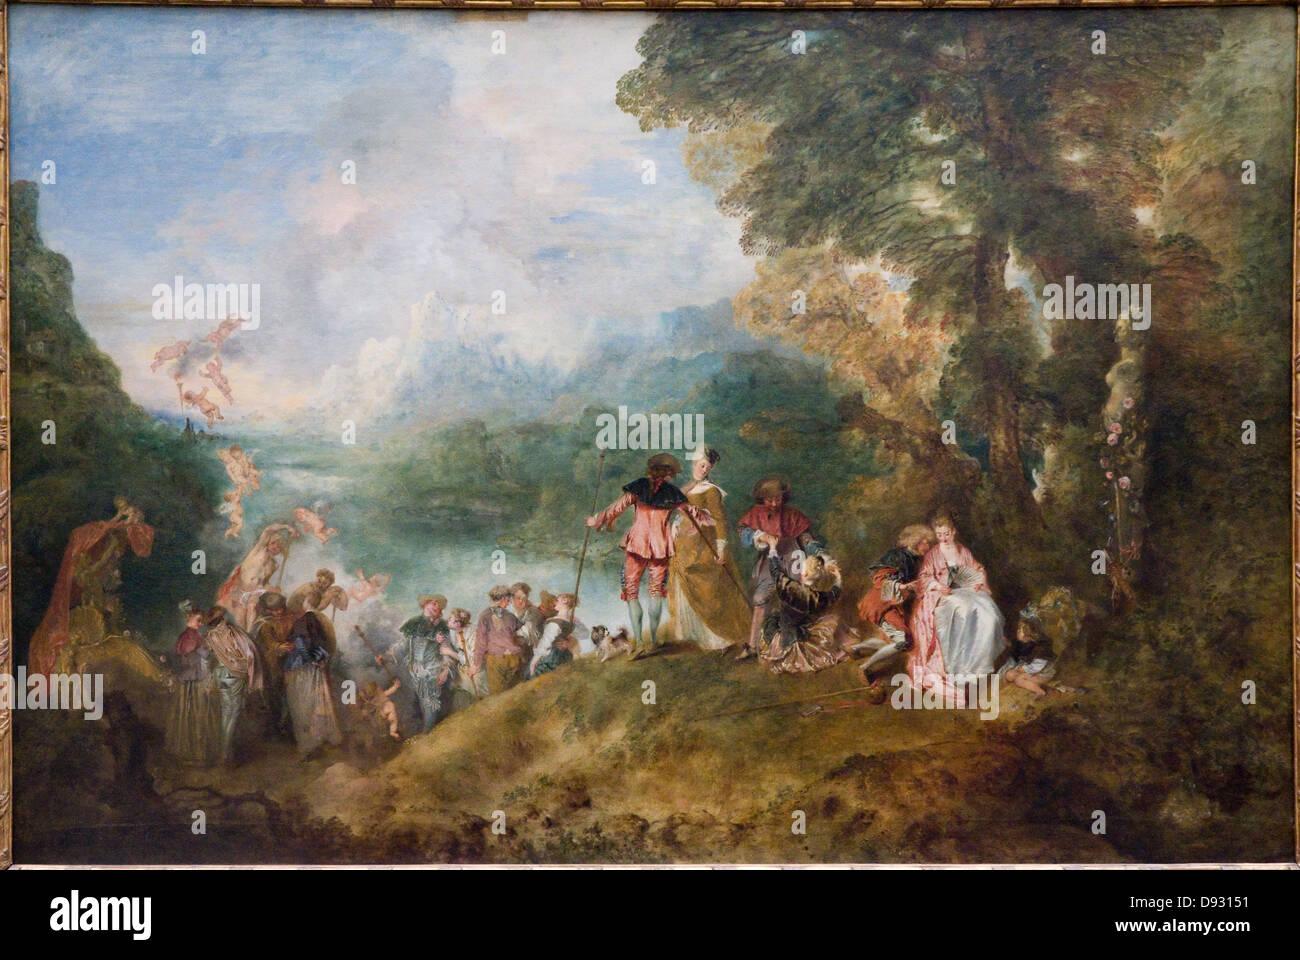 Antoine Watteau Pélerinage à l'île de Cythère - Pilgrimage to Cythera 1717 Fête galante - Stock Image